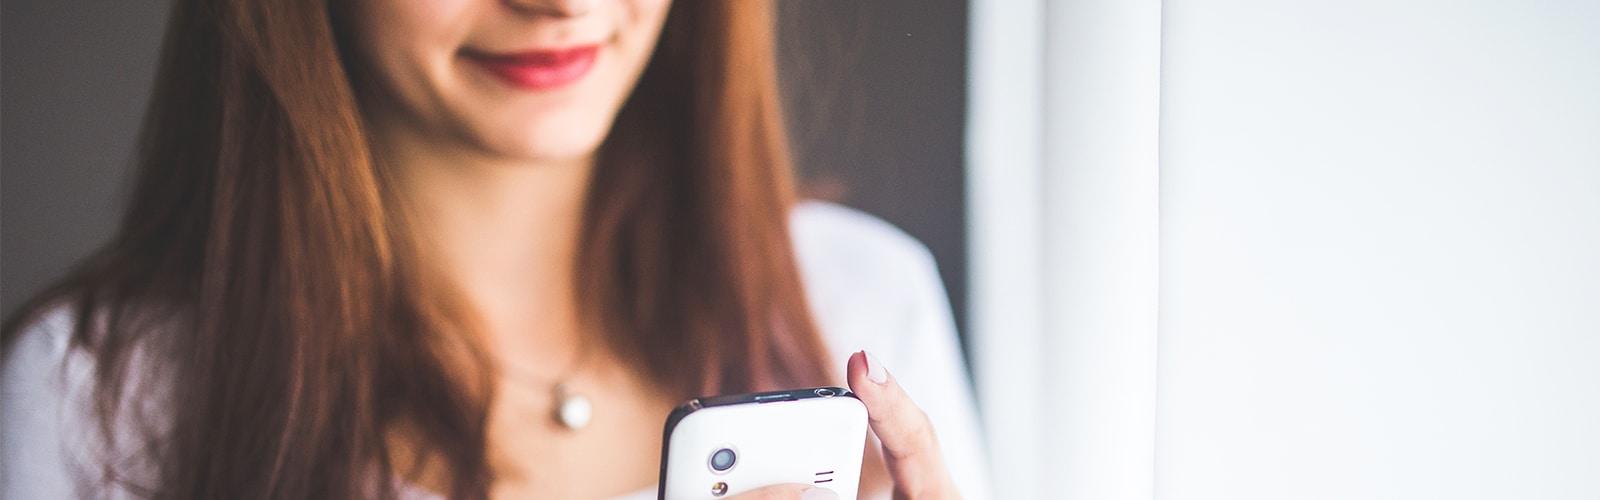 Comment réaliser une campagne SMS pour booster son trafic en magasin ?